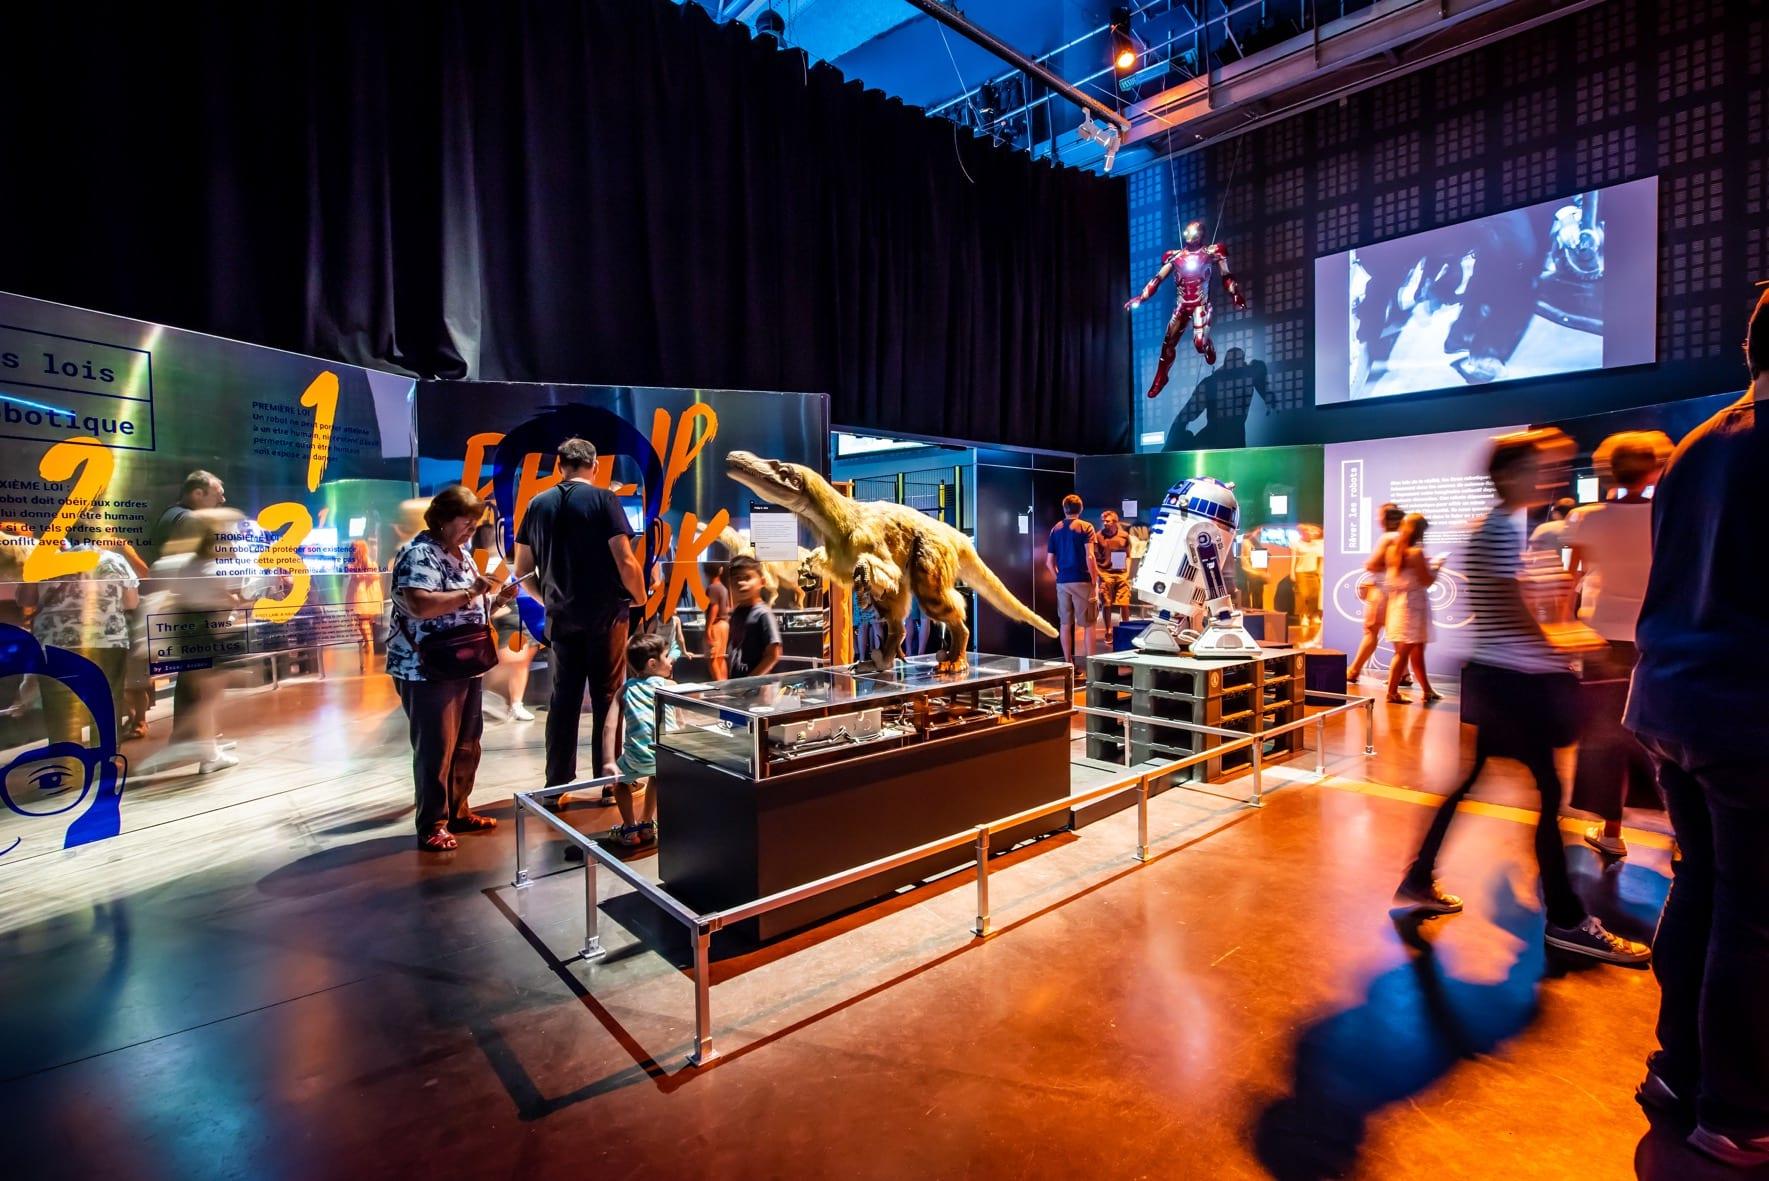 expo robots, crédit Cap sciences